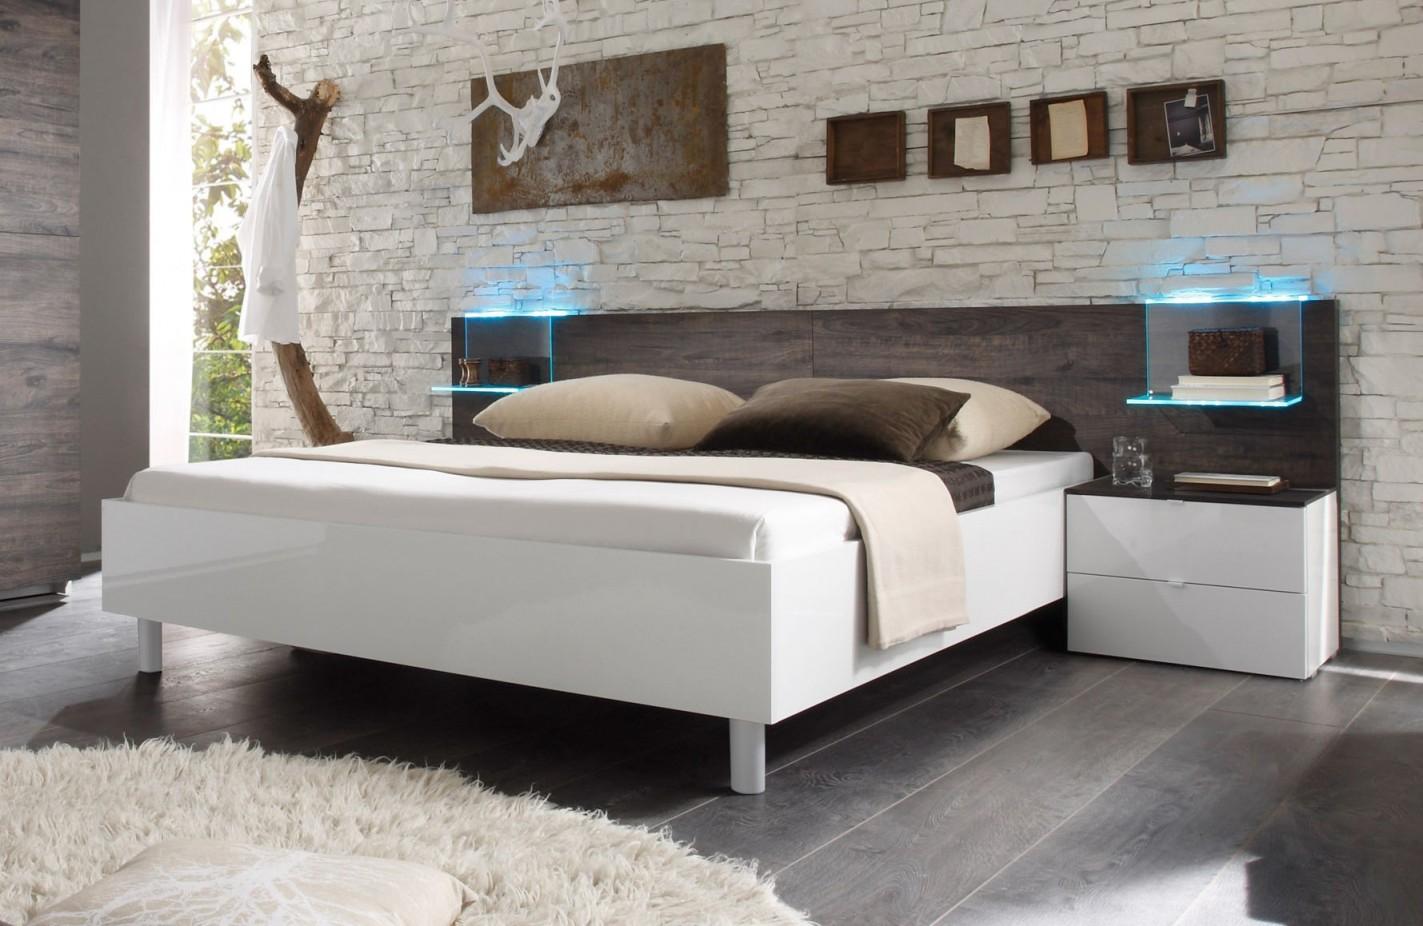 Schlafzimmer Attraktiv Schlafzimmer Weiß Ideen Glamourös von Schlafzimmer Weiß Ideen Photo